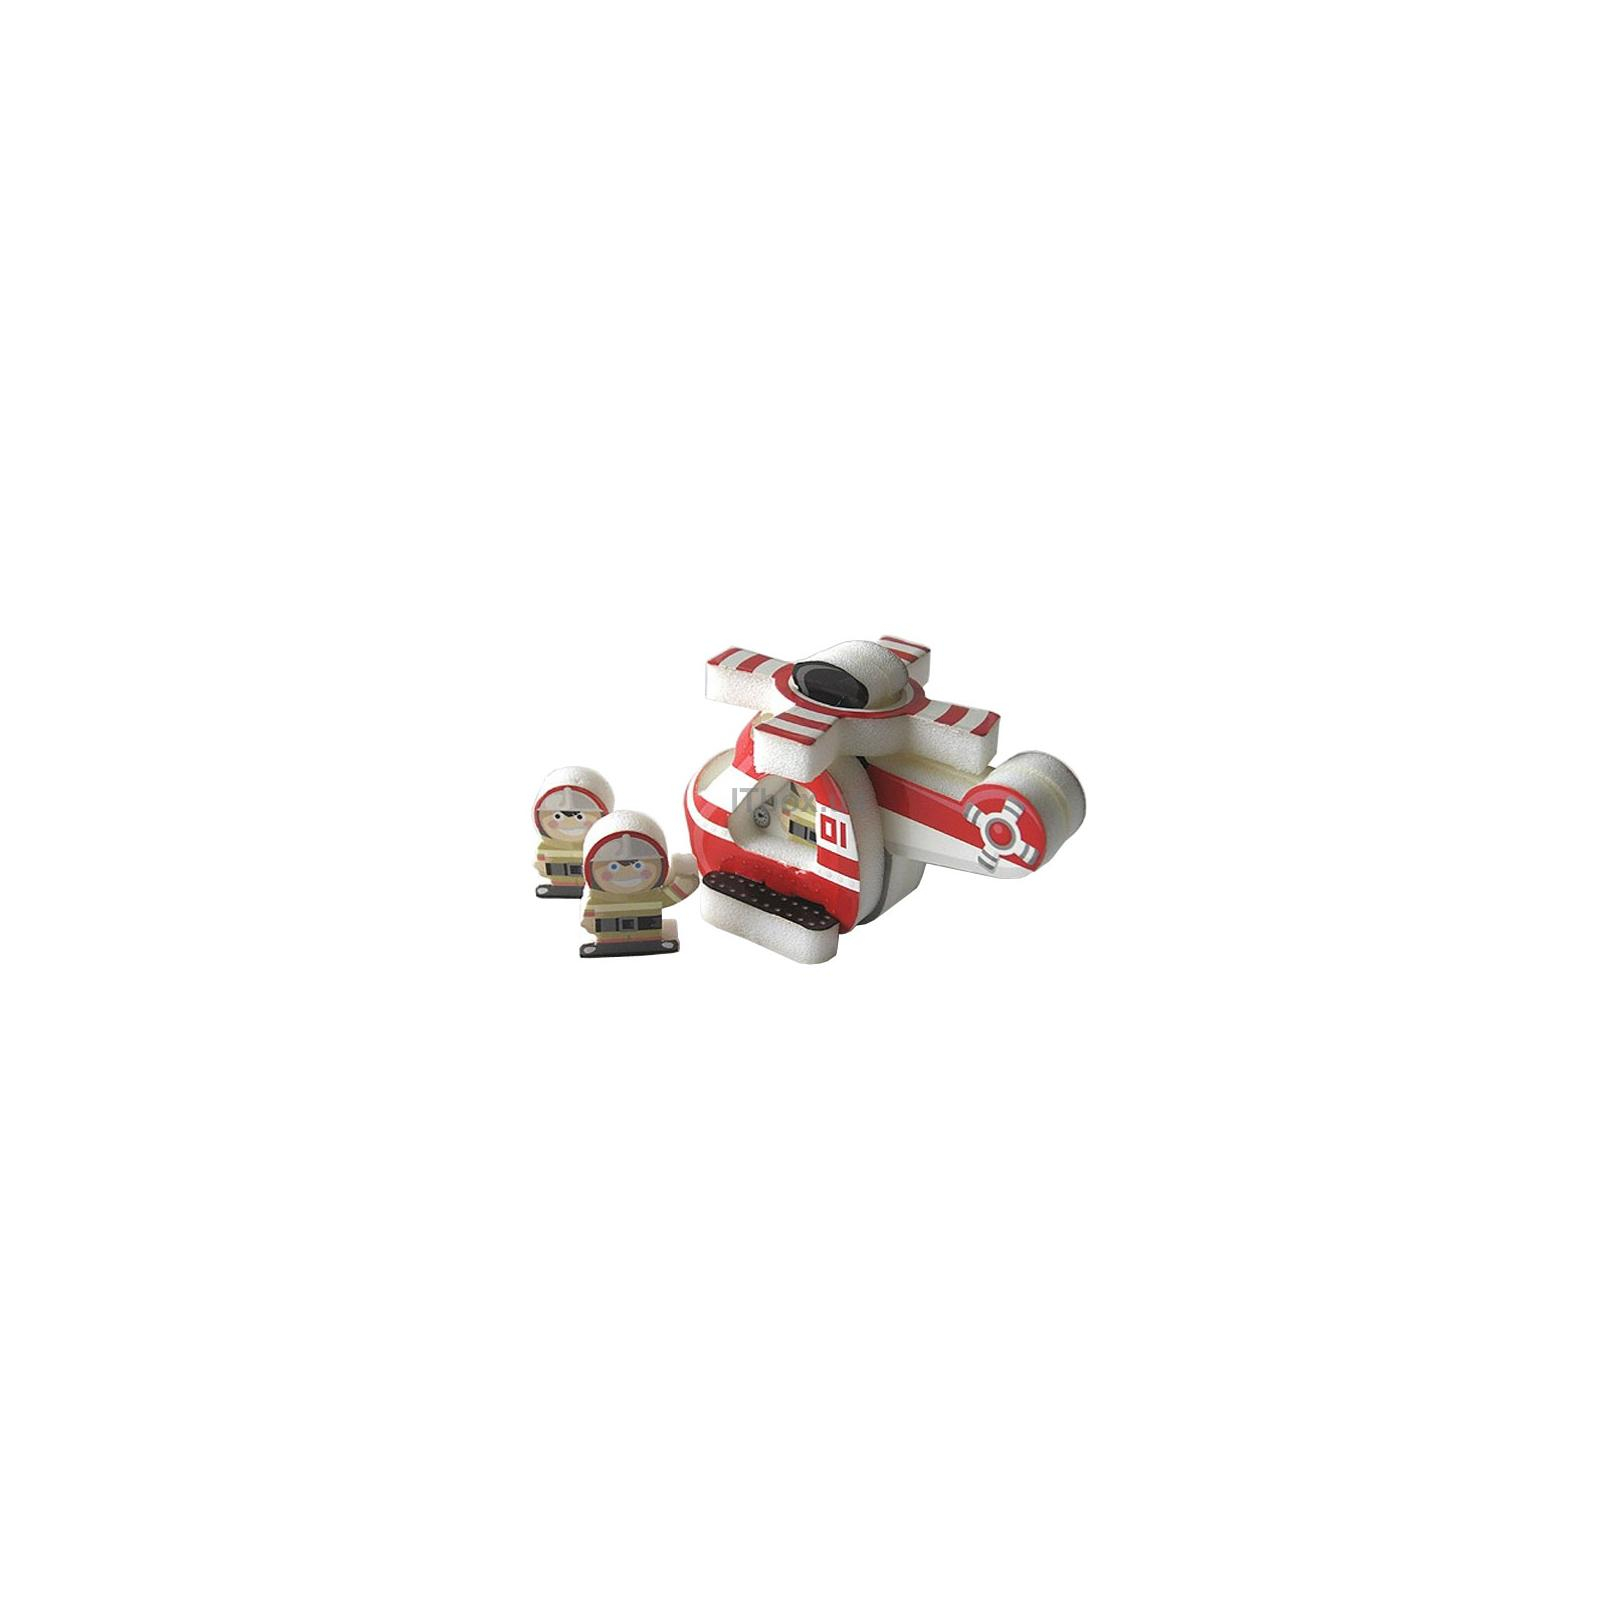 Пиктограмма Вертолет 158-02, цена, купить ...: www.itbox.ua/product/Konstruktor_Umnaya_bumaga_Piktogramma_Vertolet...